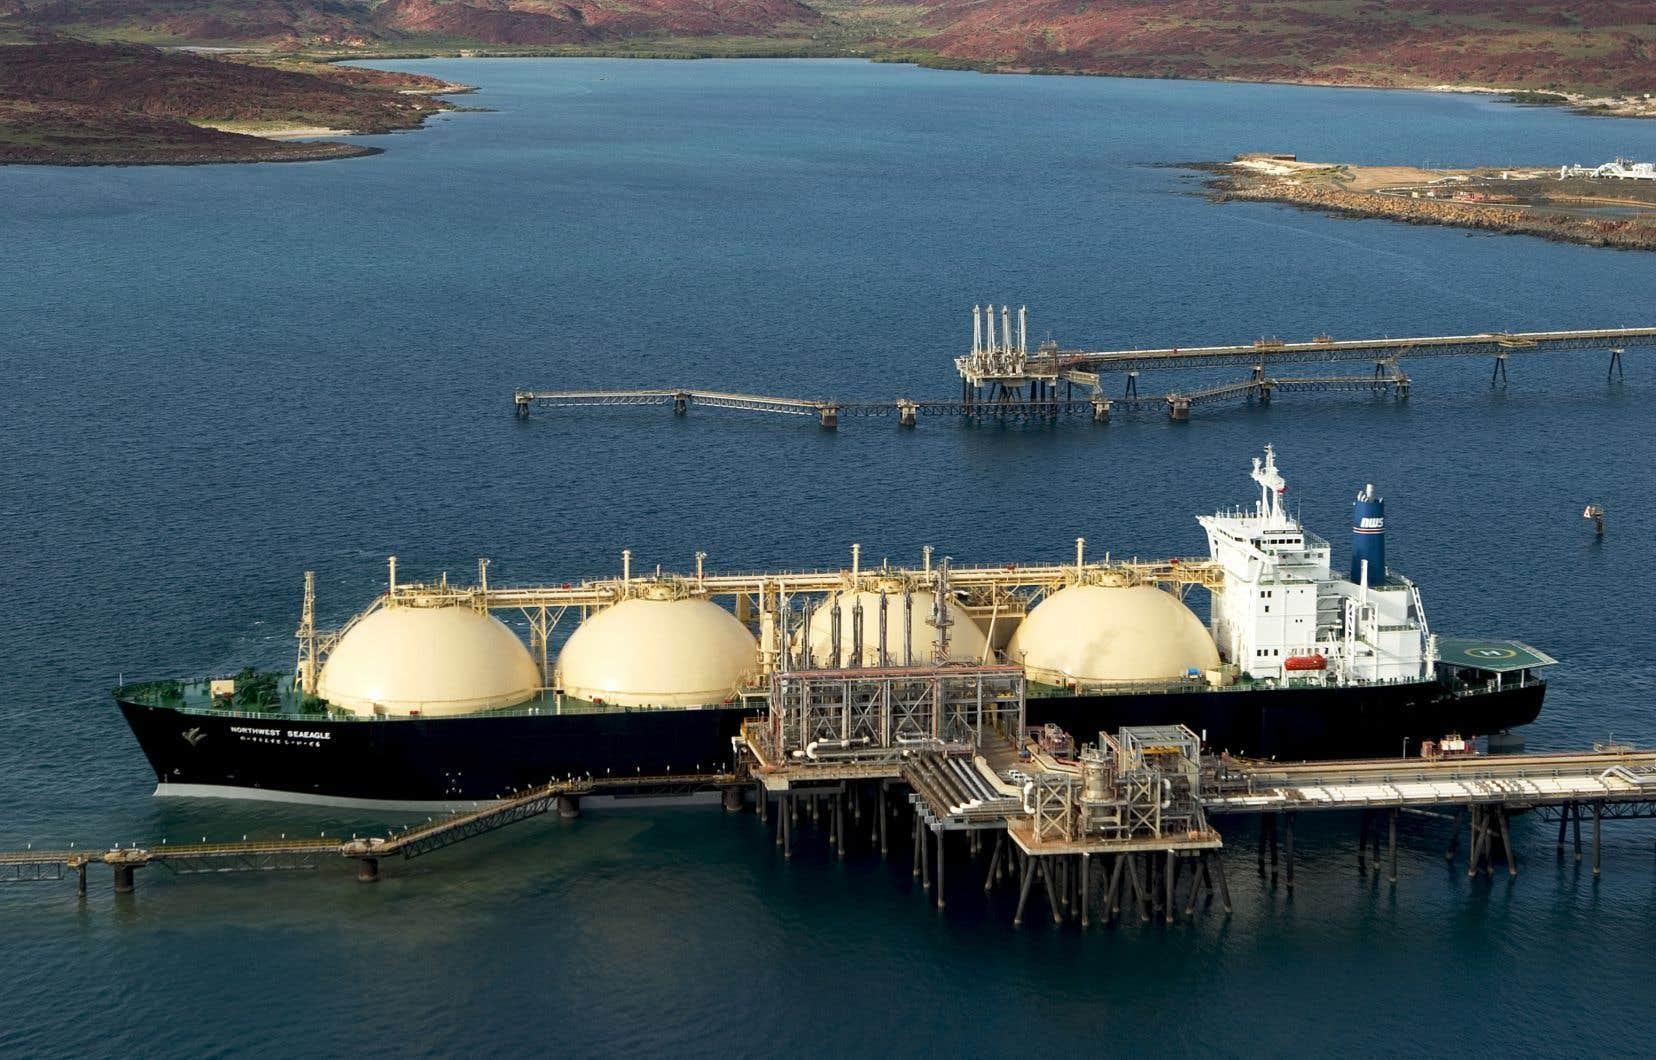 Le projet GNL Québec consiste en la construction d'un gazoduc jusqu'à une usine de liquéfaction à Saguenay, d'où le gaz naturel liquéfié serait acheminé à l'étranger par bateau.